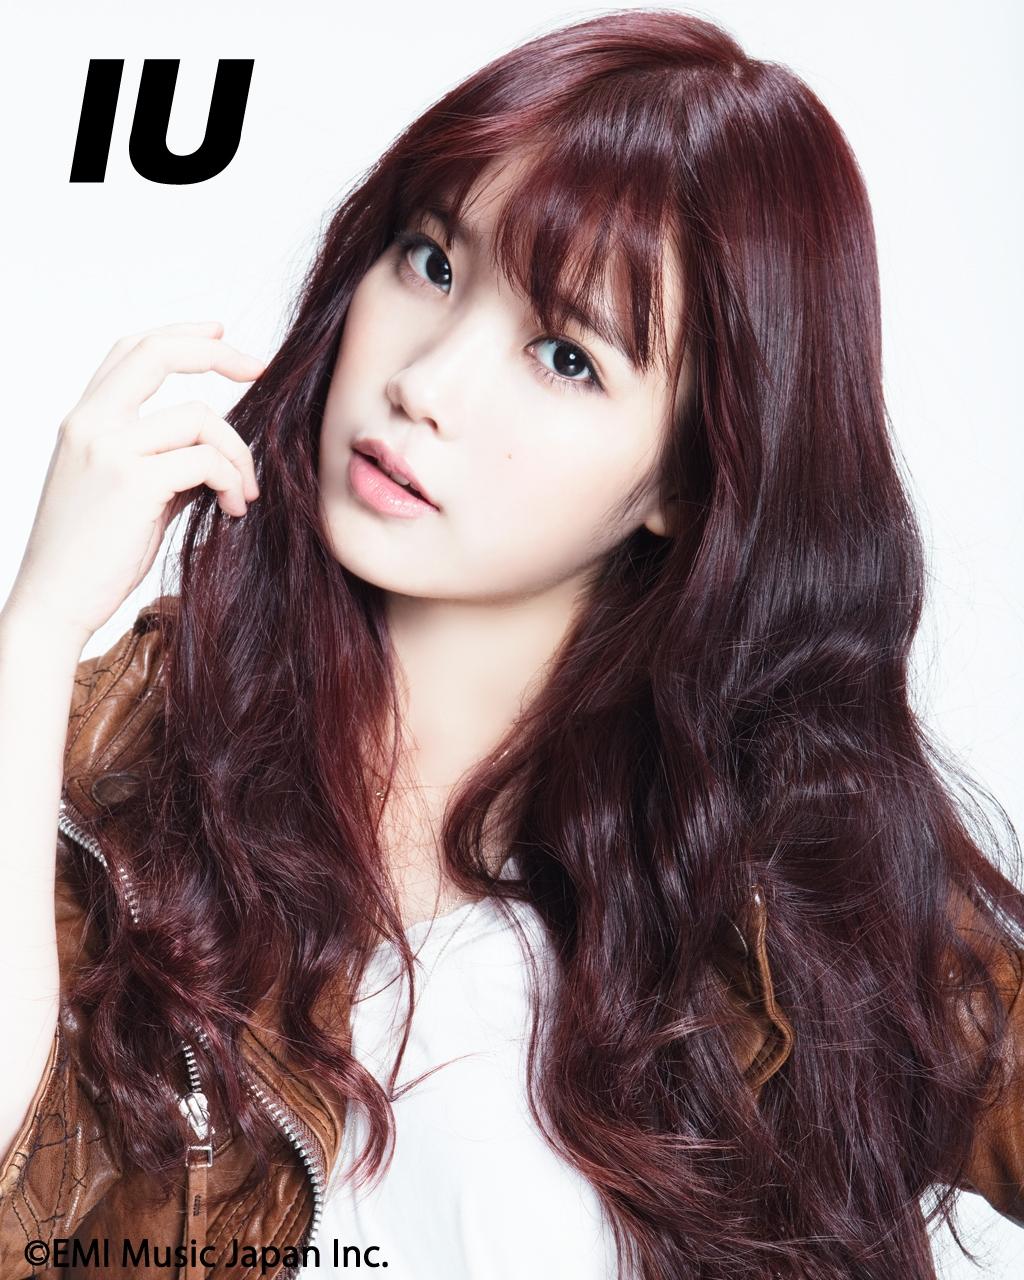 IU có tên thật là Lee Ji Eun (tên Hán việt là Lý Trí Ngân)